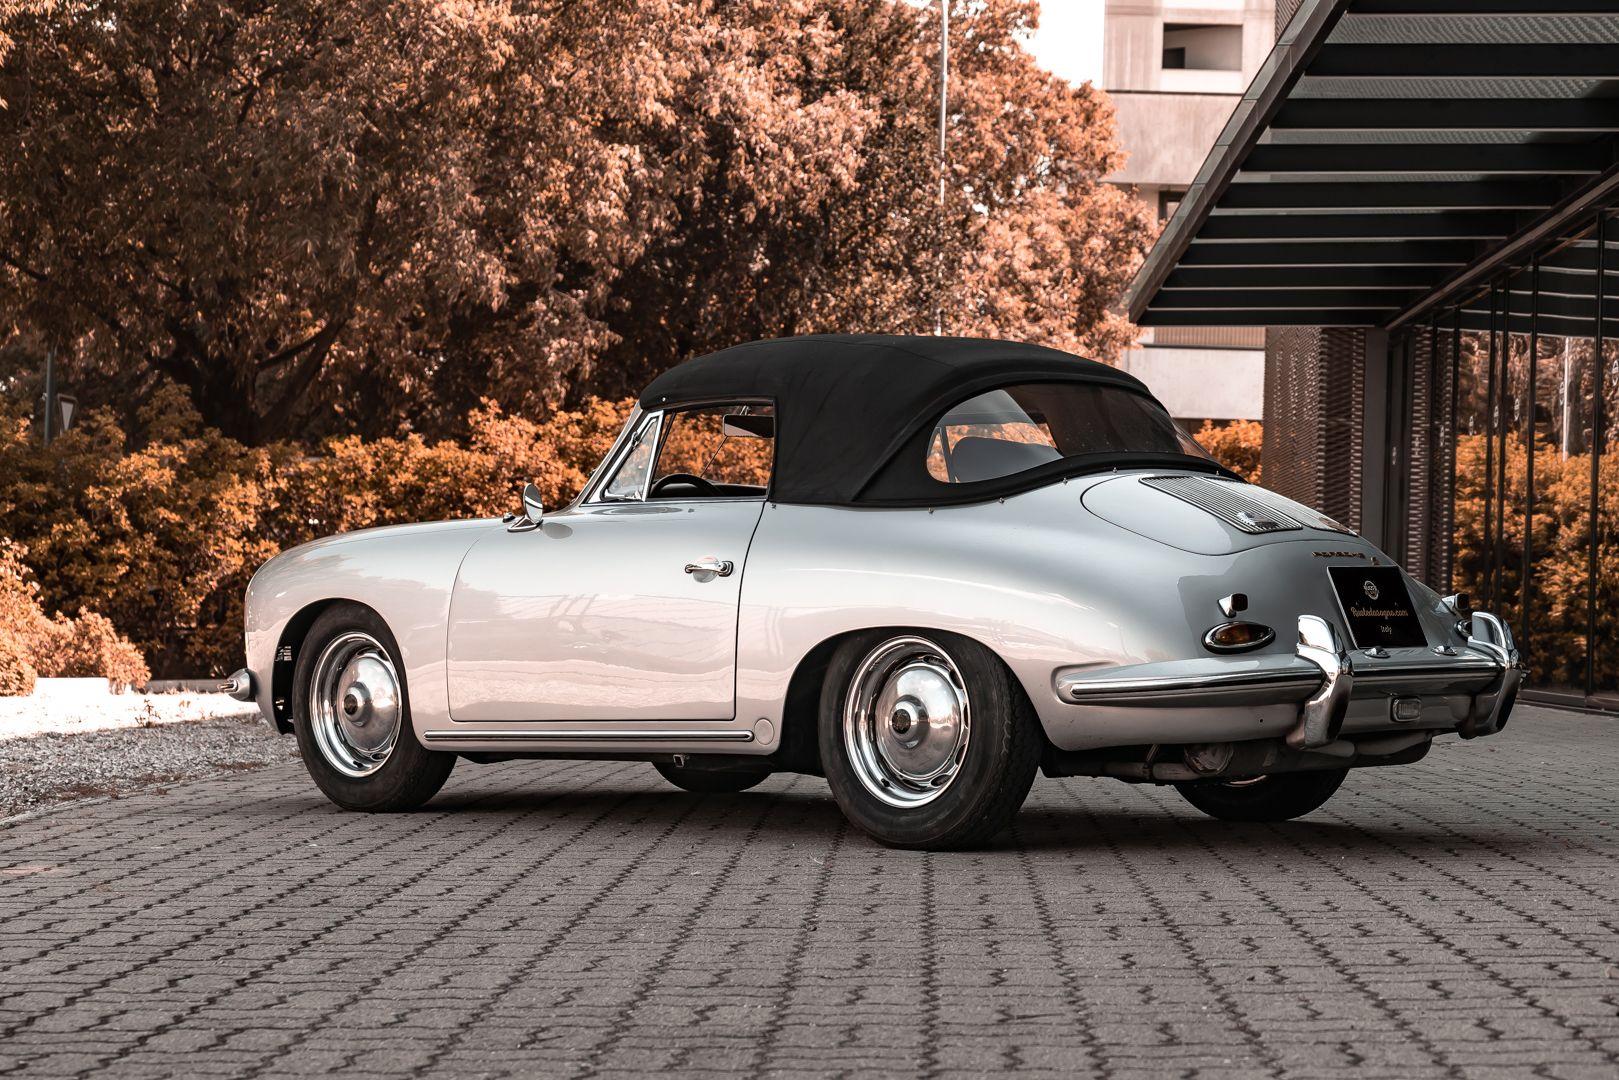 1963 Porsche 356 B 1600 S Cabriolet 76214